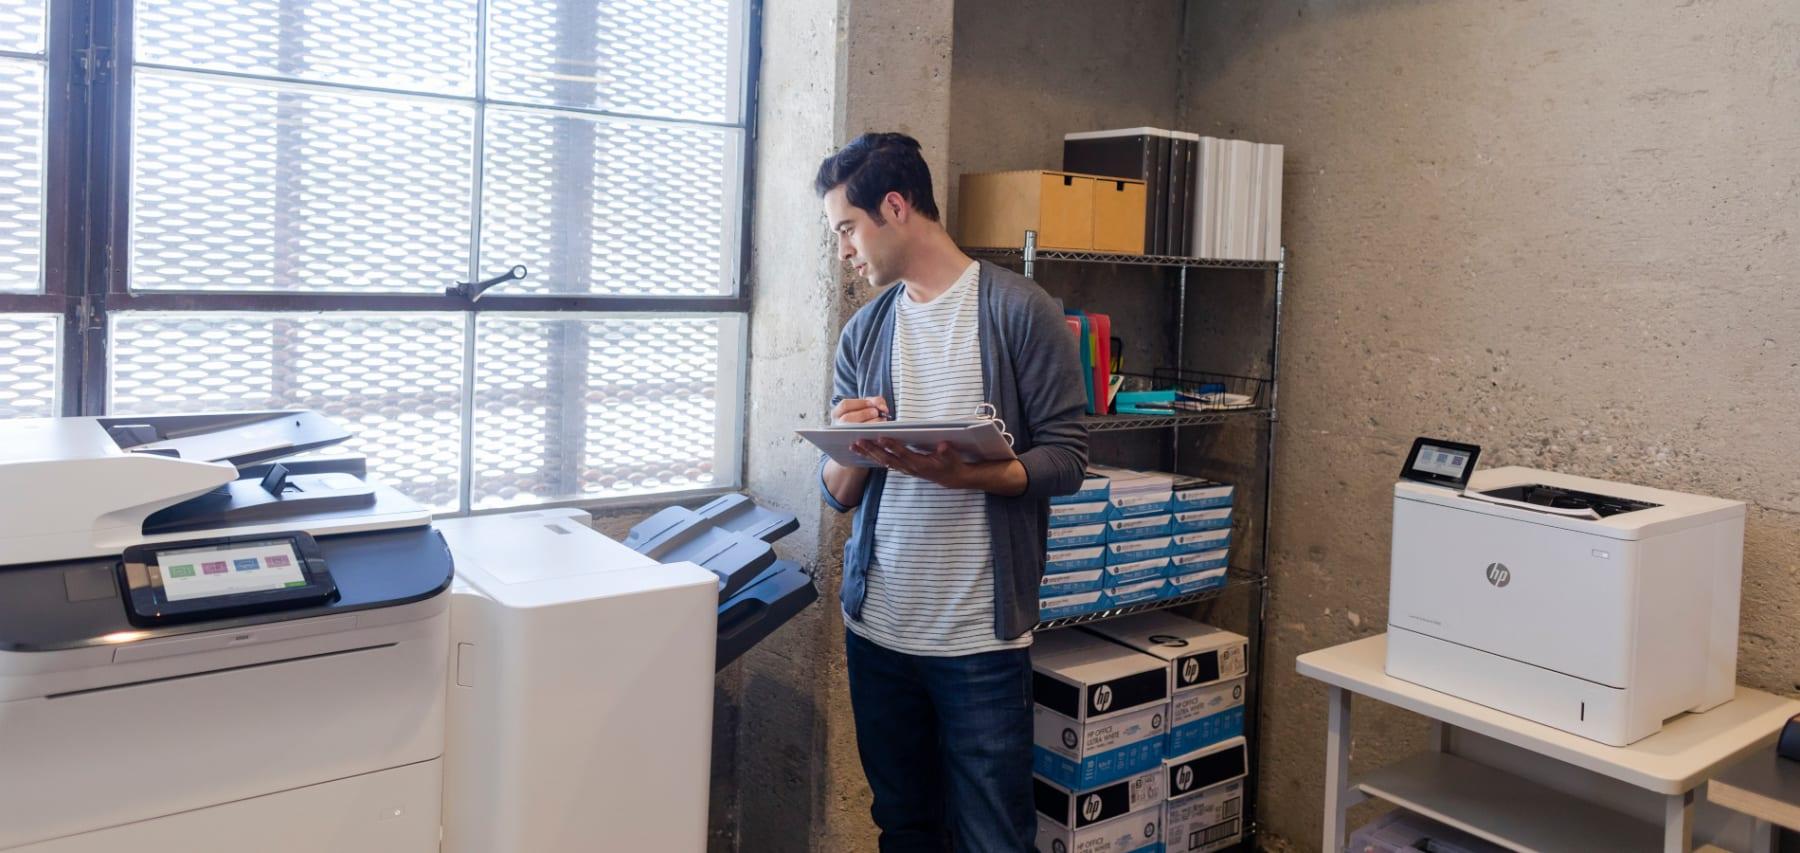 Kopierer mieten oder leasen - mehr als eine Alternative